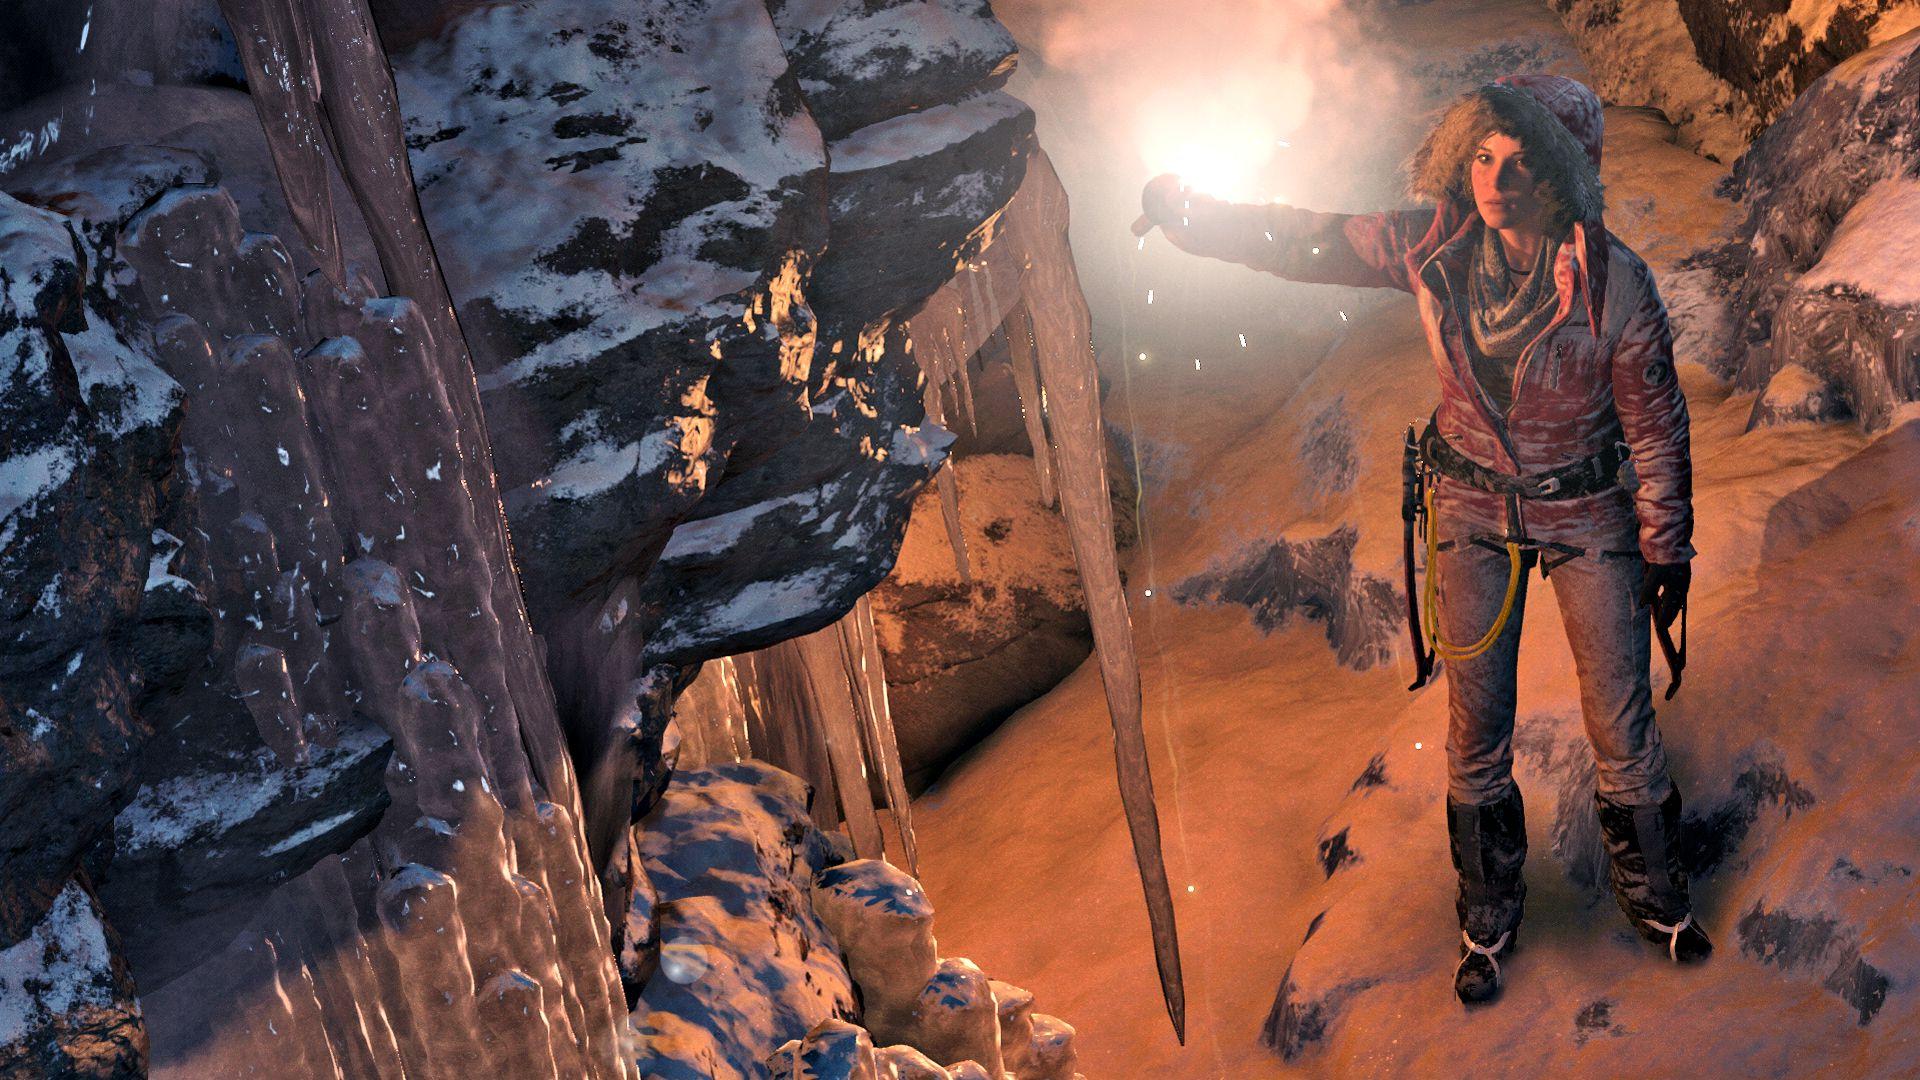 Konečně pořádné obrázky z Rise of the Tomb Raider 106007